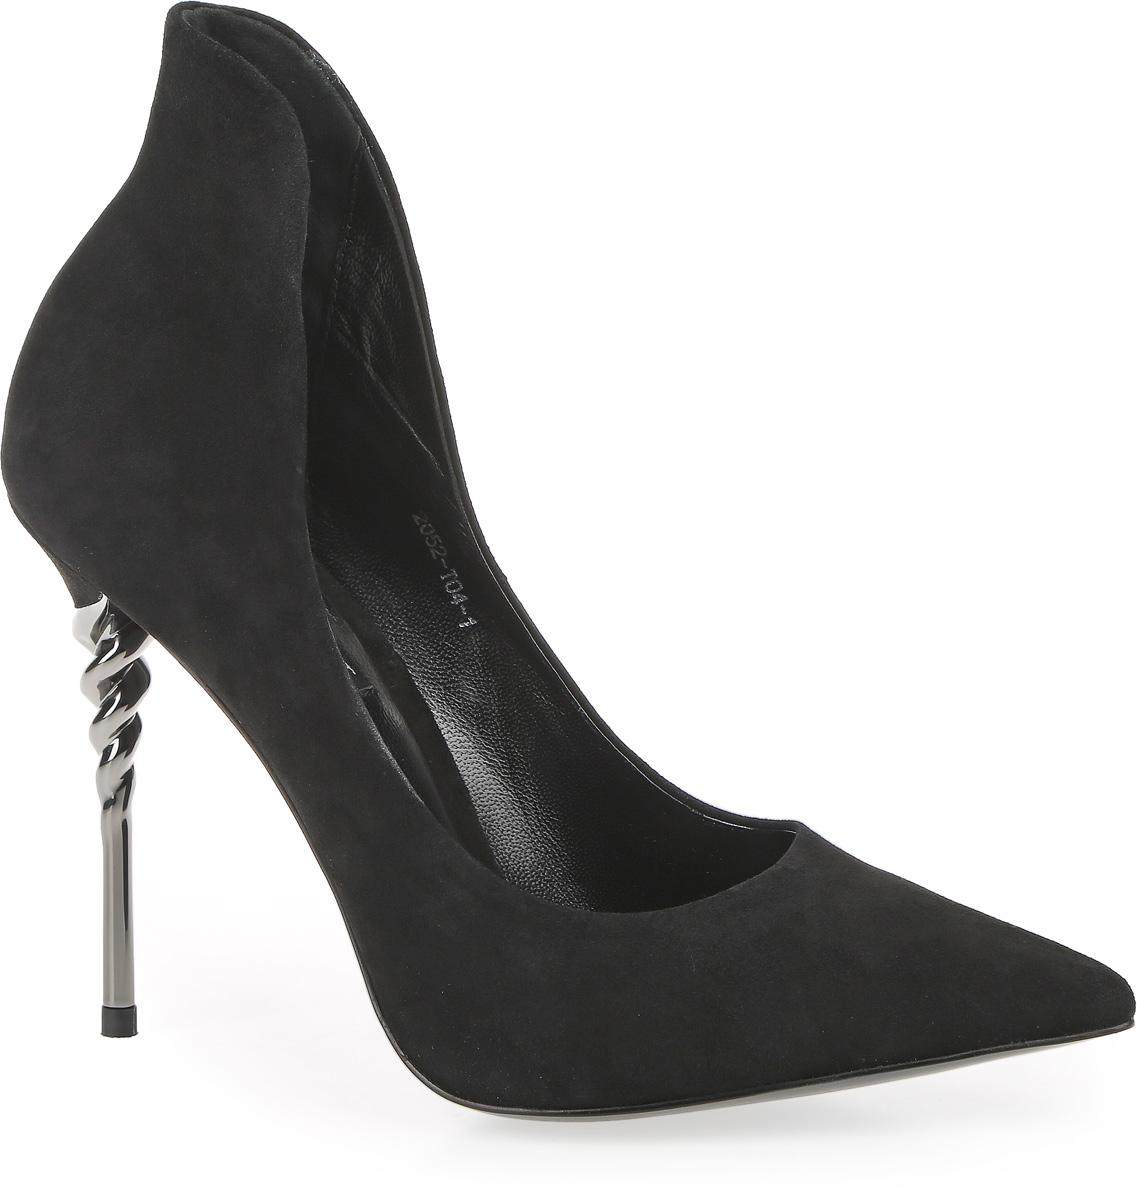 2052-T04-1Женские туфли с вытянутым носком от Graciana выполнены из натуральной замши. Подкладка и стелька изготовлены из натуральной кожи. Металлический каблук-шпилька оформлен в виде спирали. Тунитовая подошва оснащена мелким рифлением.